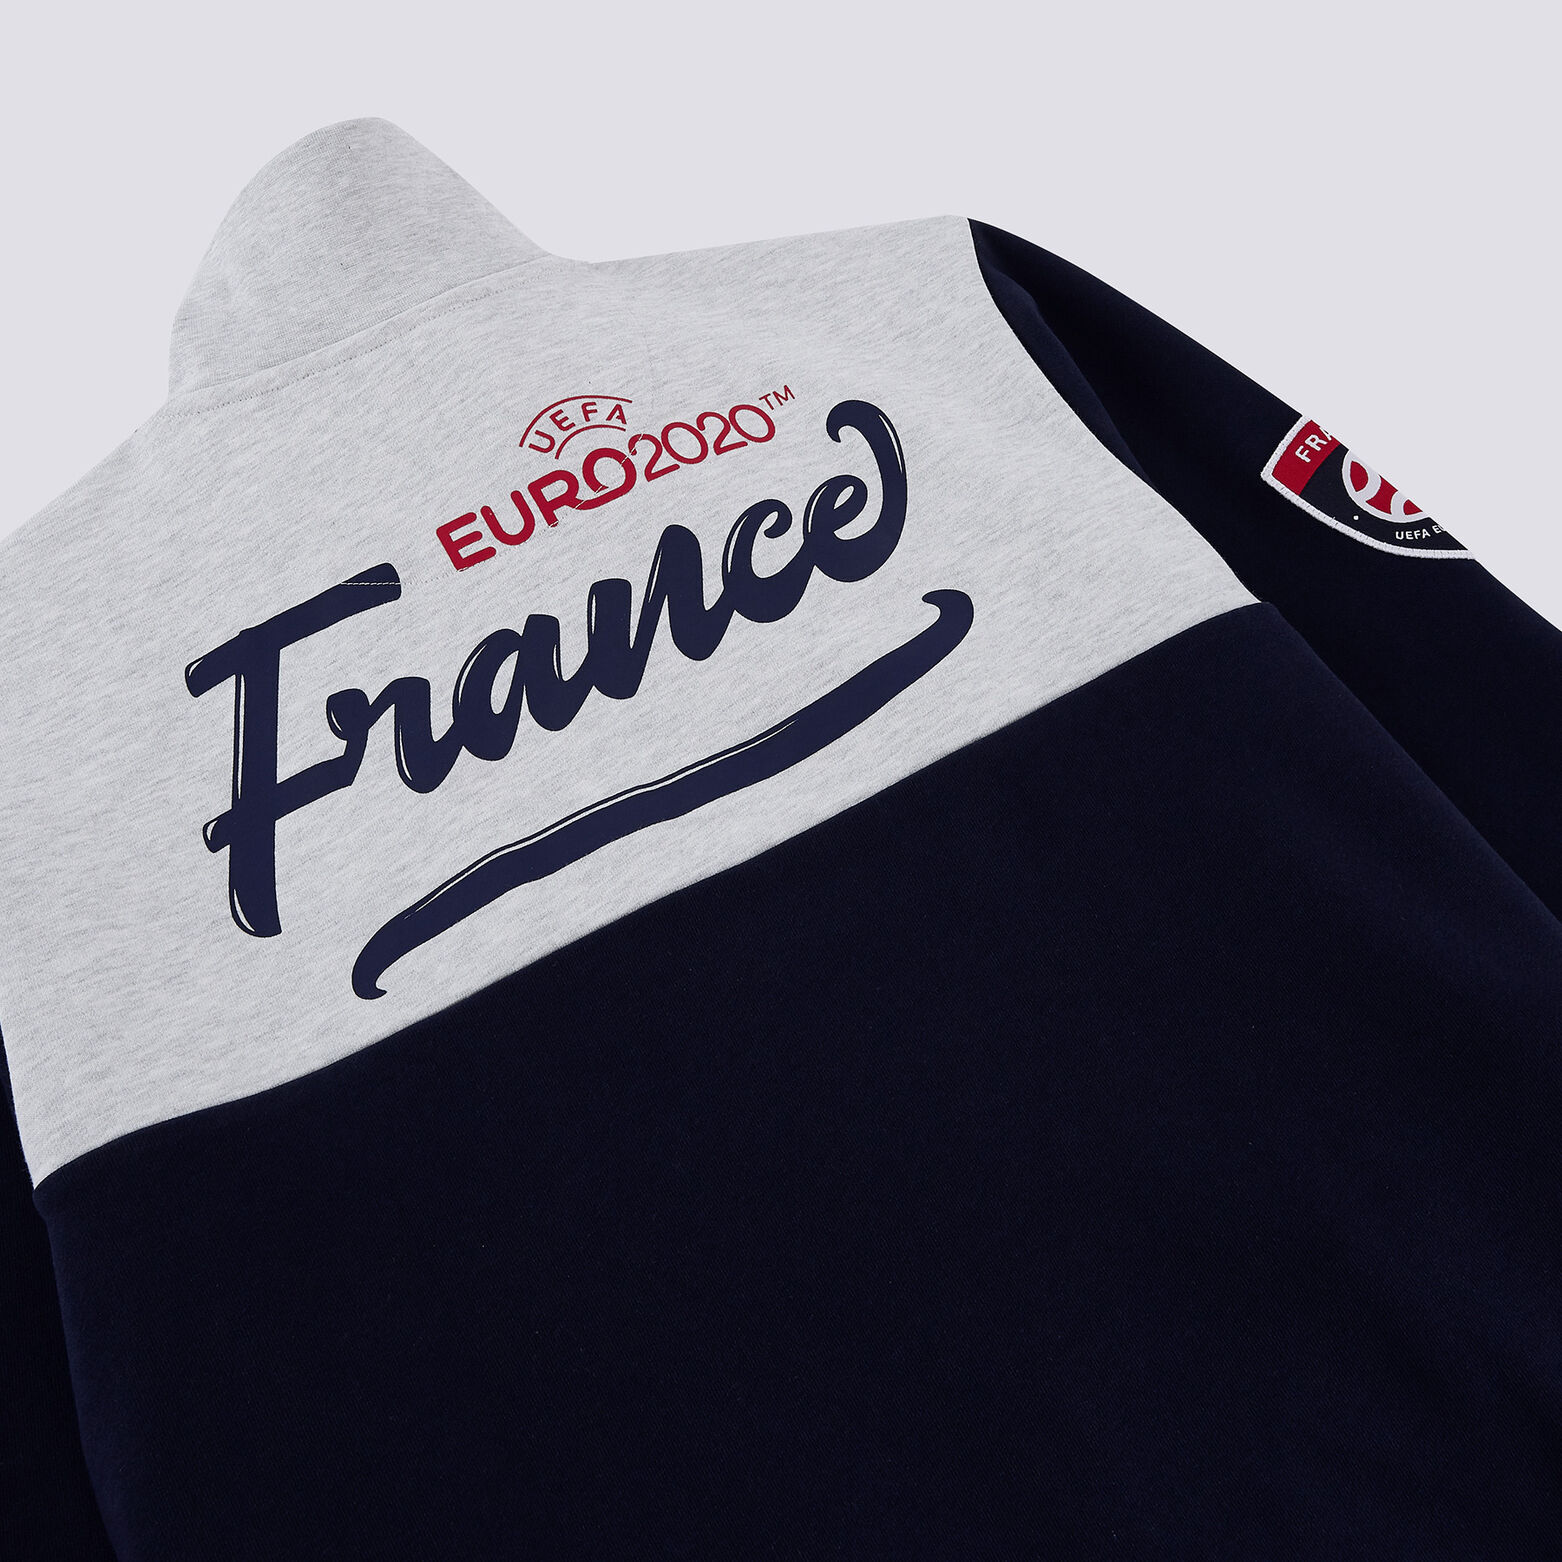 Sweat zippé sous licence officielle UEFA EURO 2020